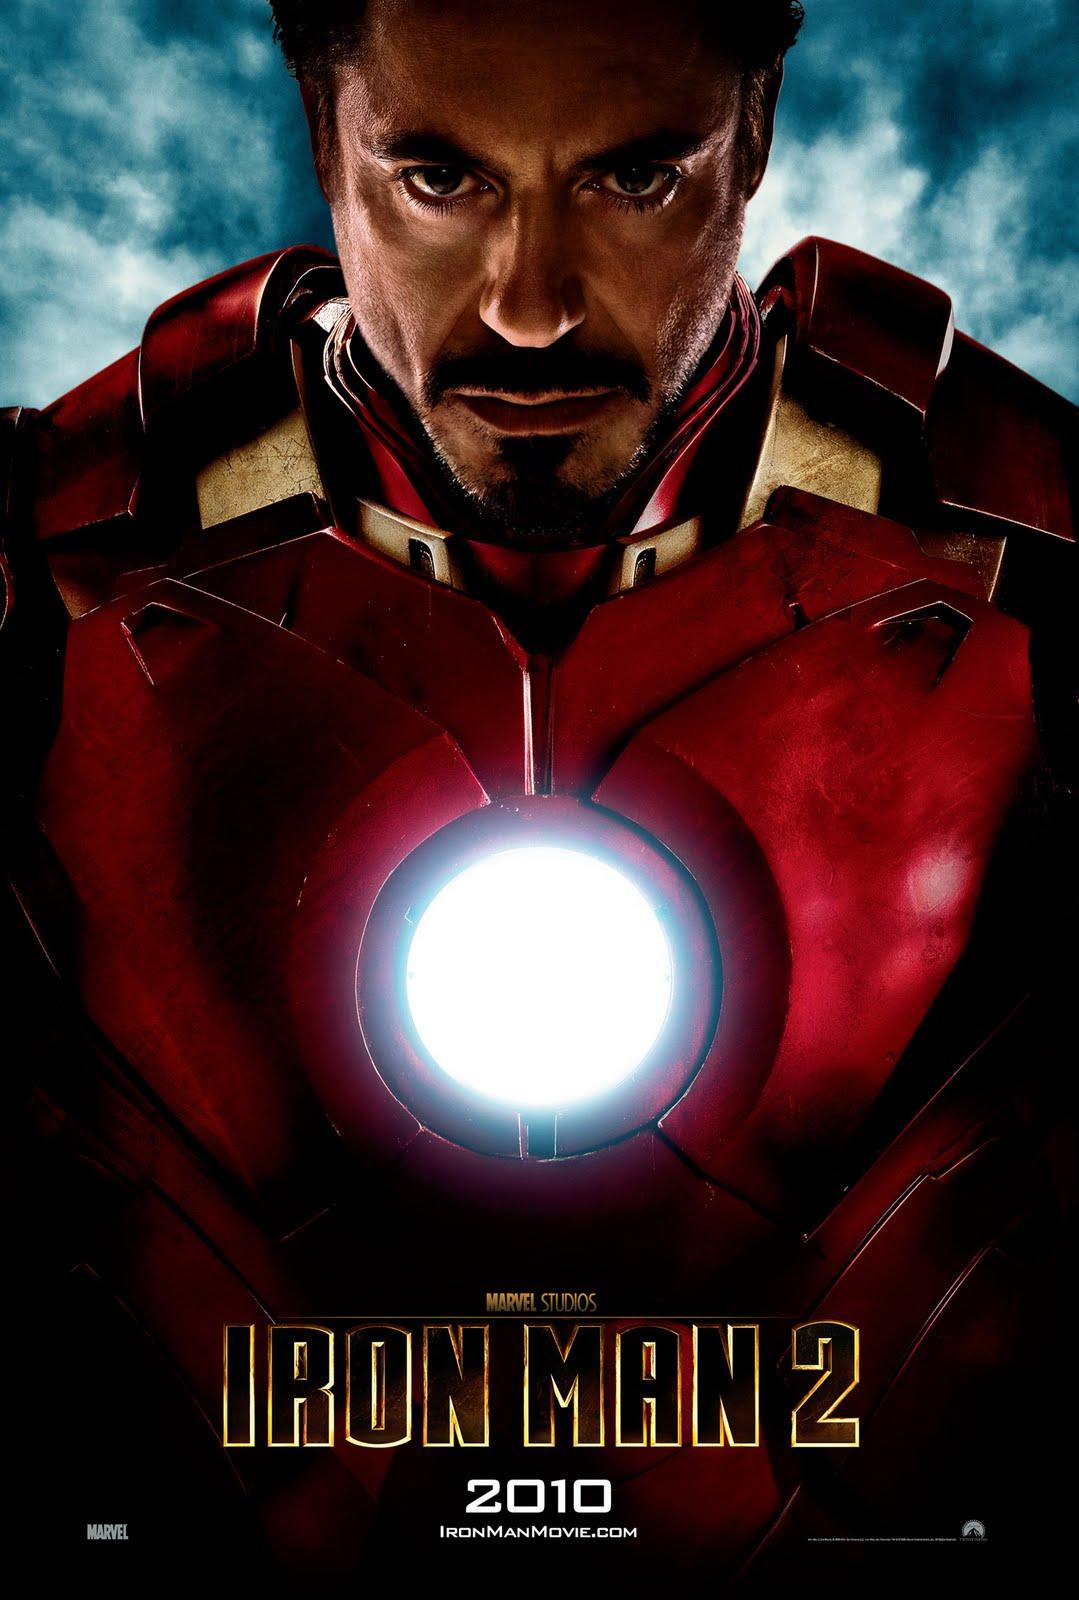 http://1.bp.blogspot.com/_eFF--CKd4aI/TCjp6G9m10I/AAAAAAAAACs/YlYNUeHzwbk/s1600/Poster+-+Iron+Man+2.jpg